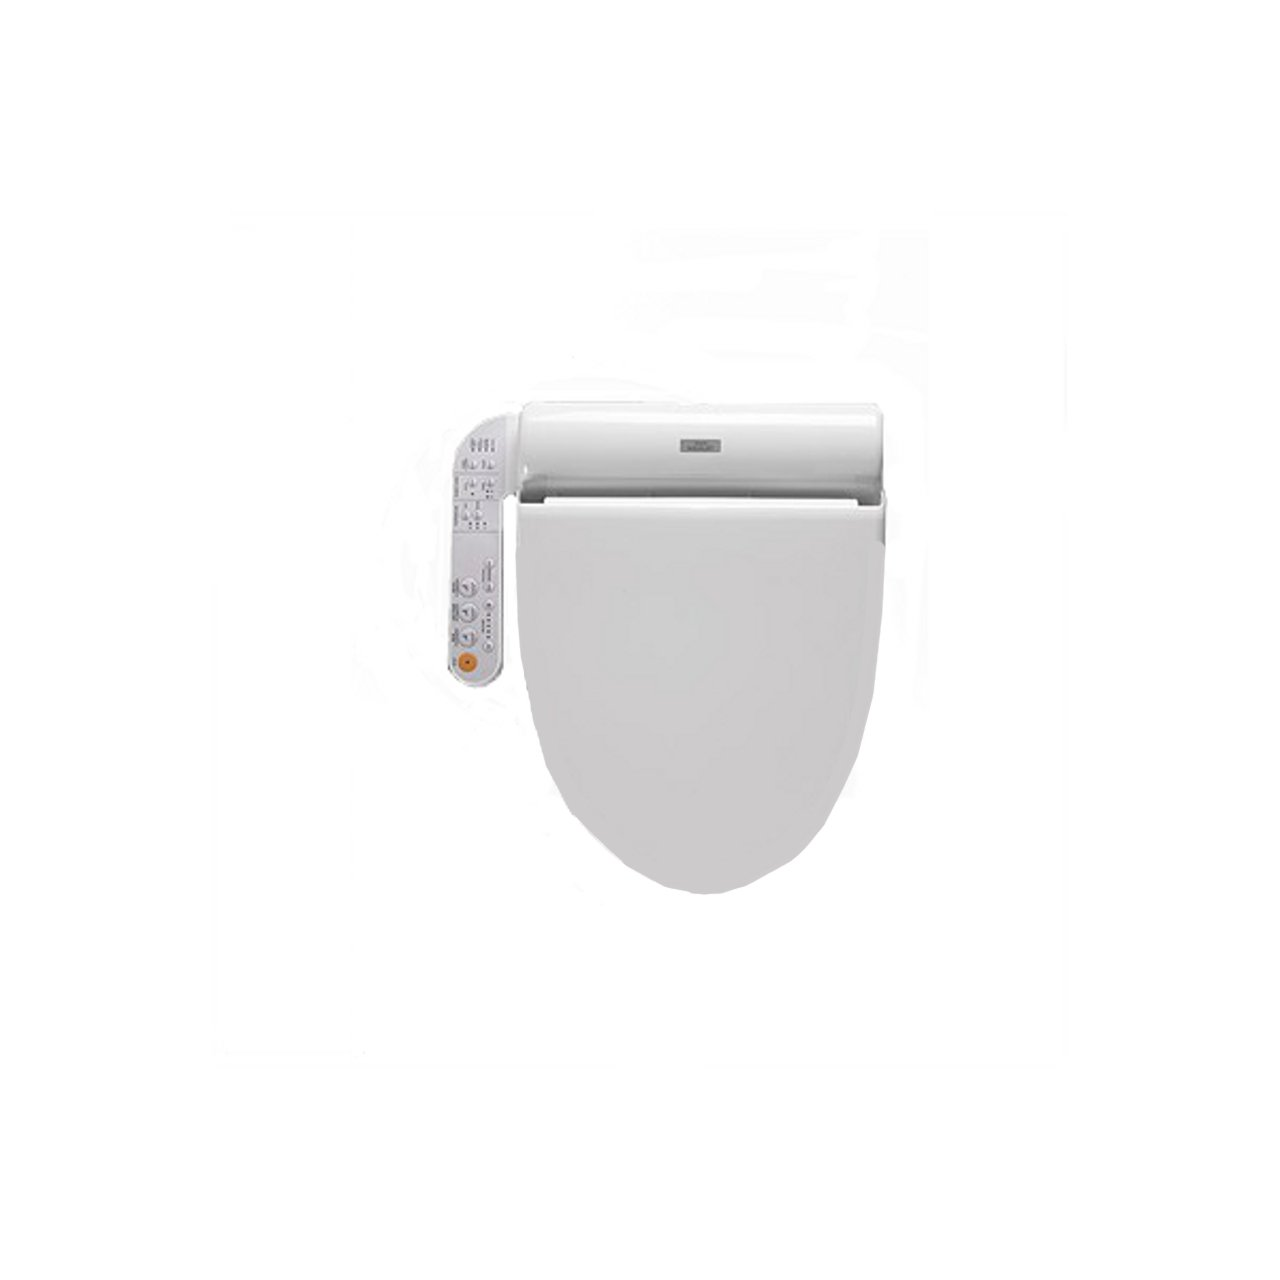 TOTO SW502#01 B100 Washlet